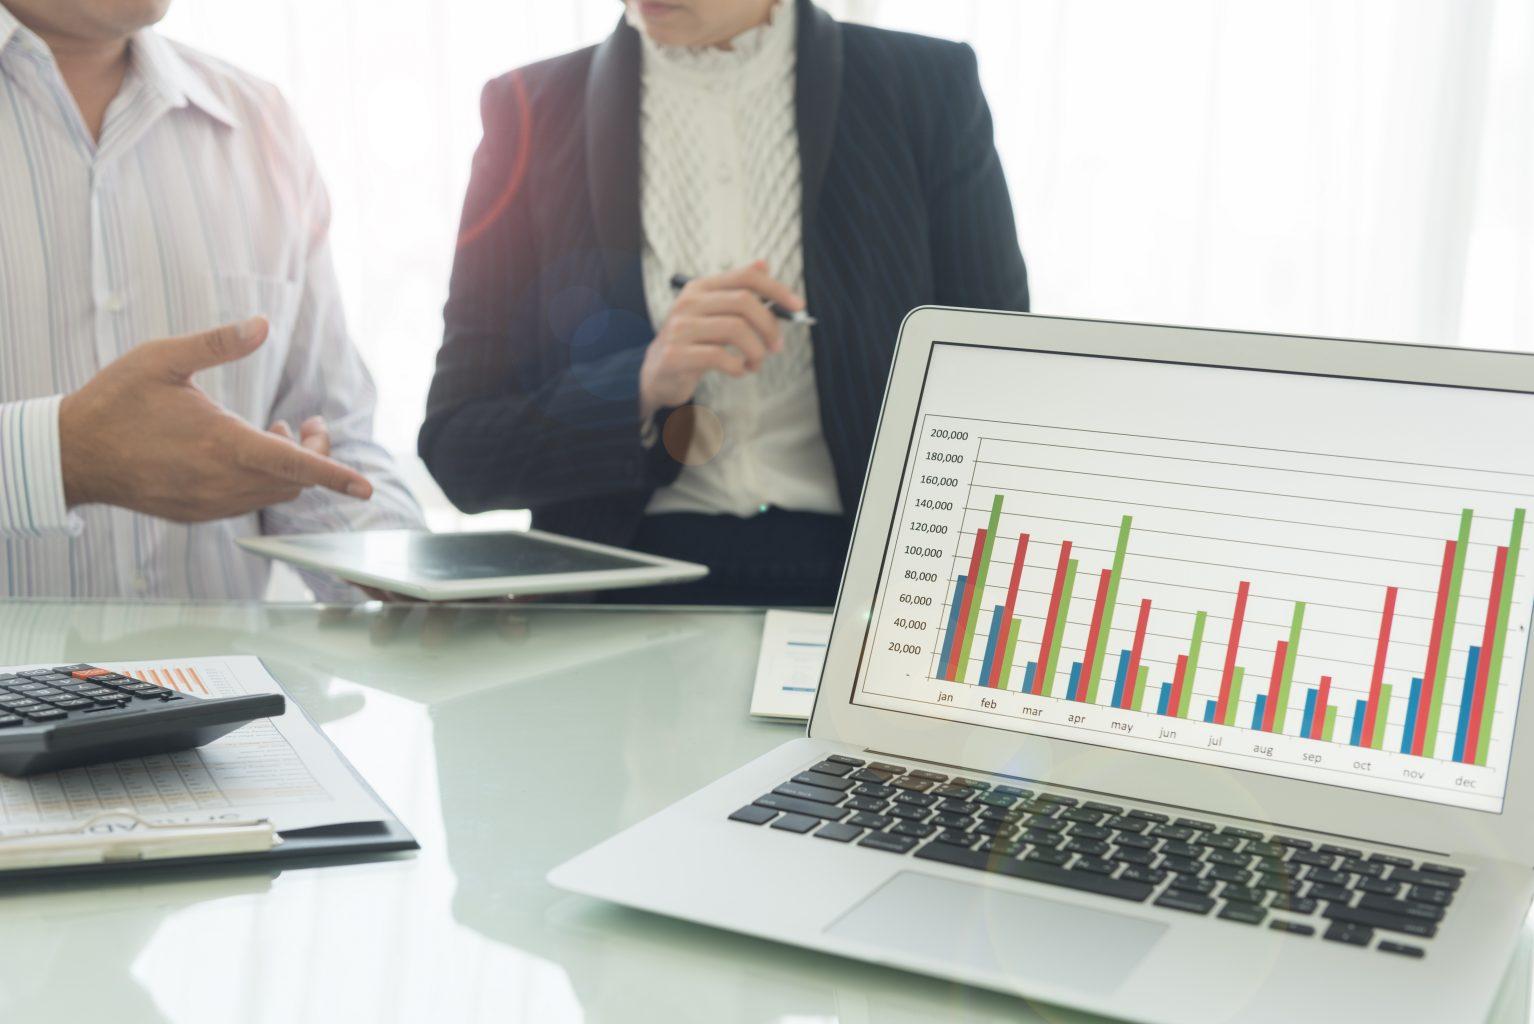 Laptop-Statistiken zu 360Grad Feedback